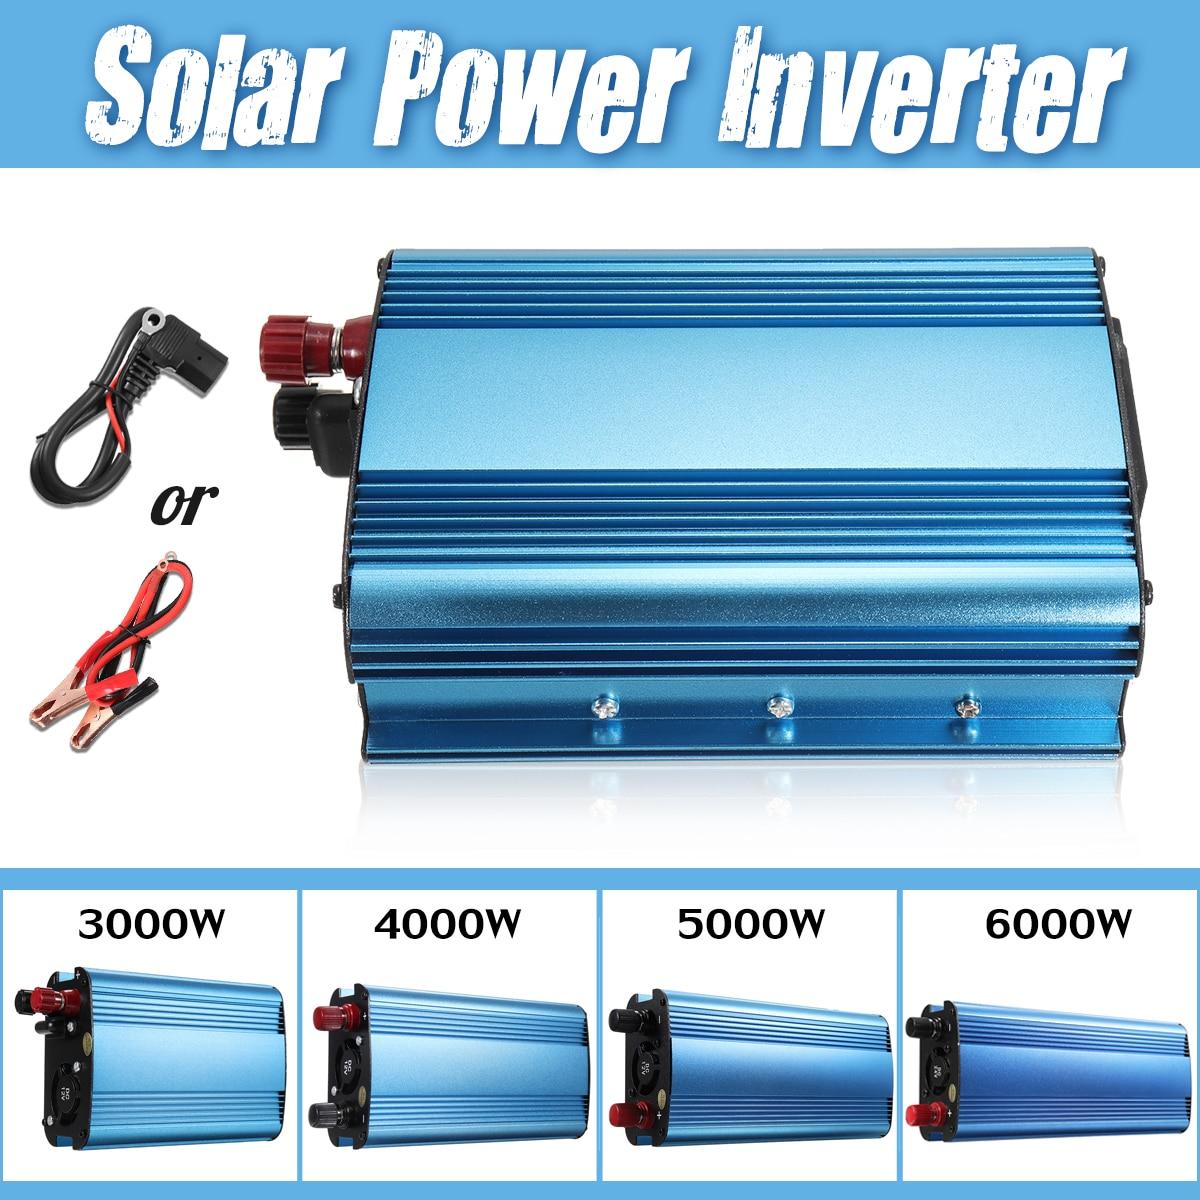 3000W/4000W/5000W/6000W Peak Power Inverter DC 12V/24V/48V/60V To AC 220V Sine Wave Car Inverter Voltage Transformer Convertor 3000w peak 6000w solar power inverter dc 12v to ac 240v sine wave car home inverter voltage transformer convertor